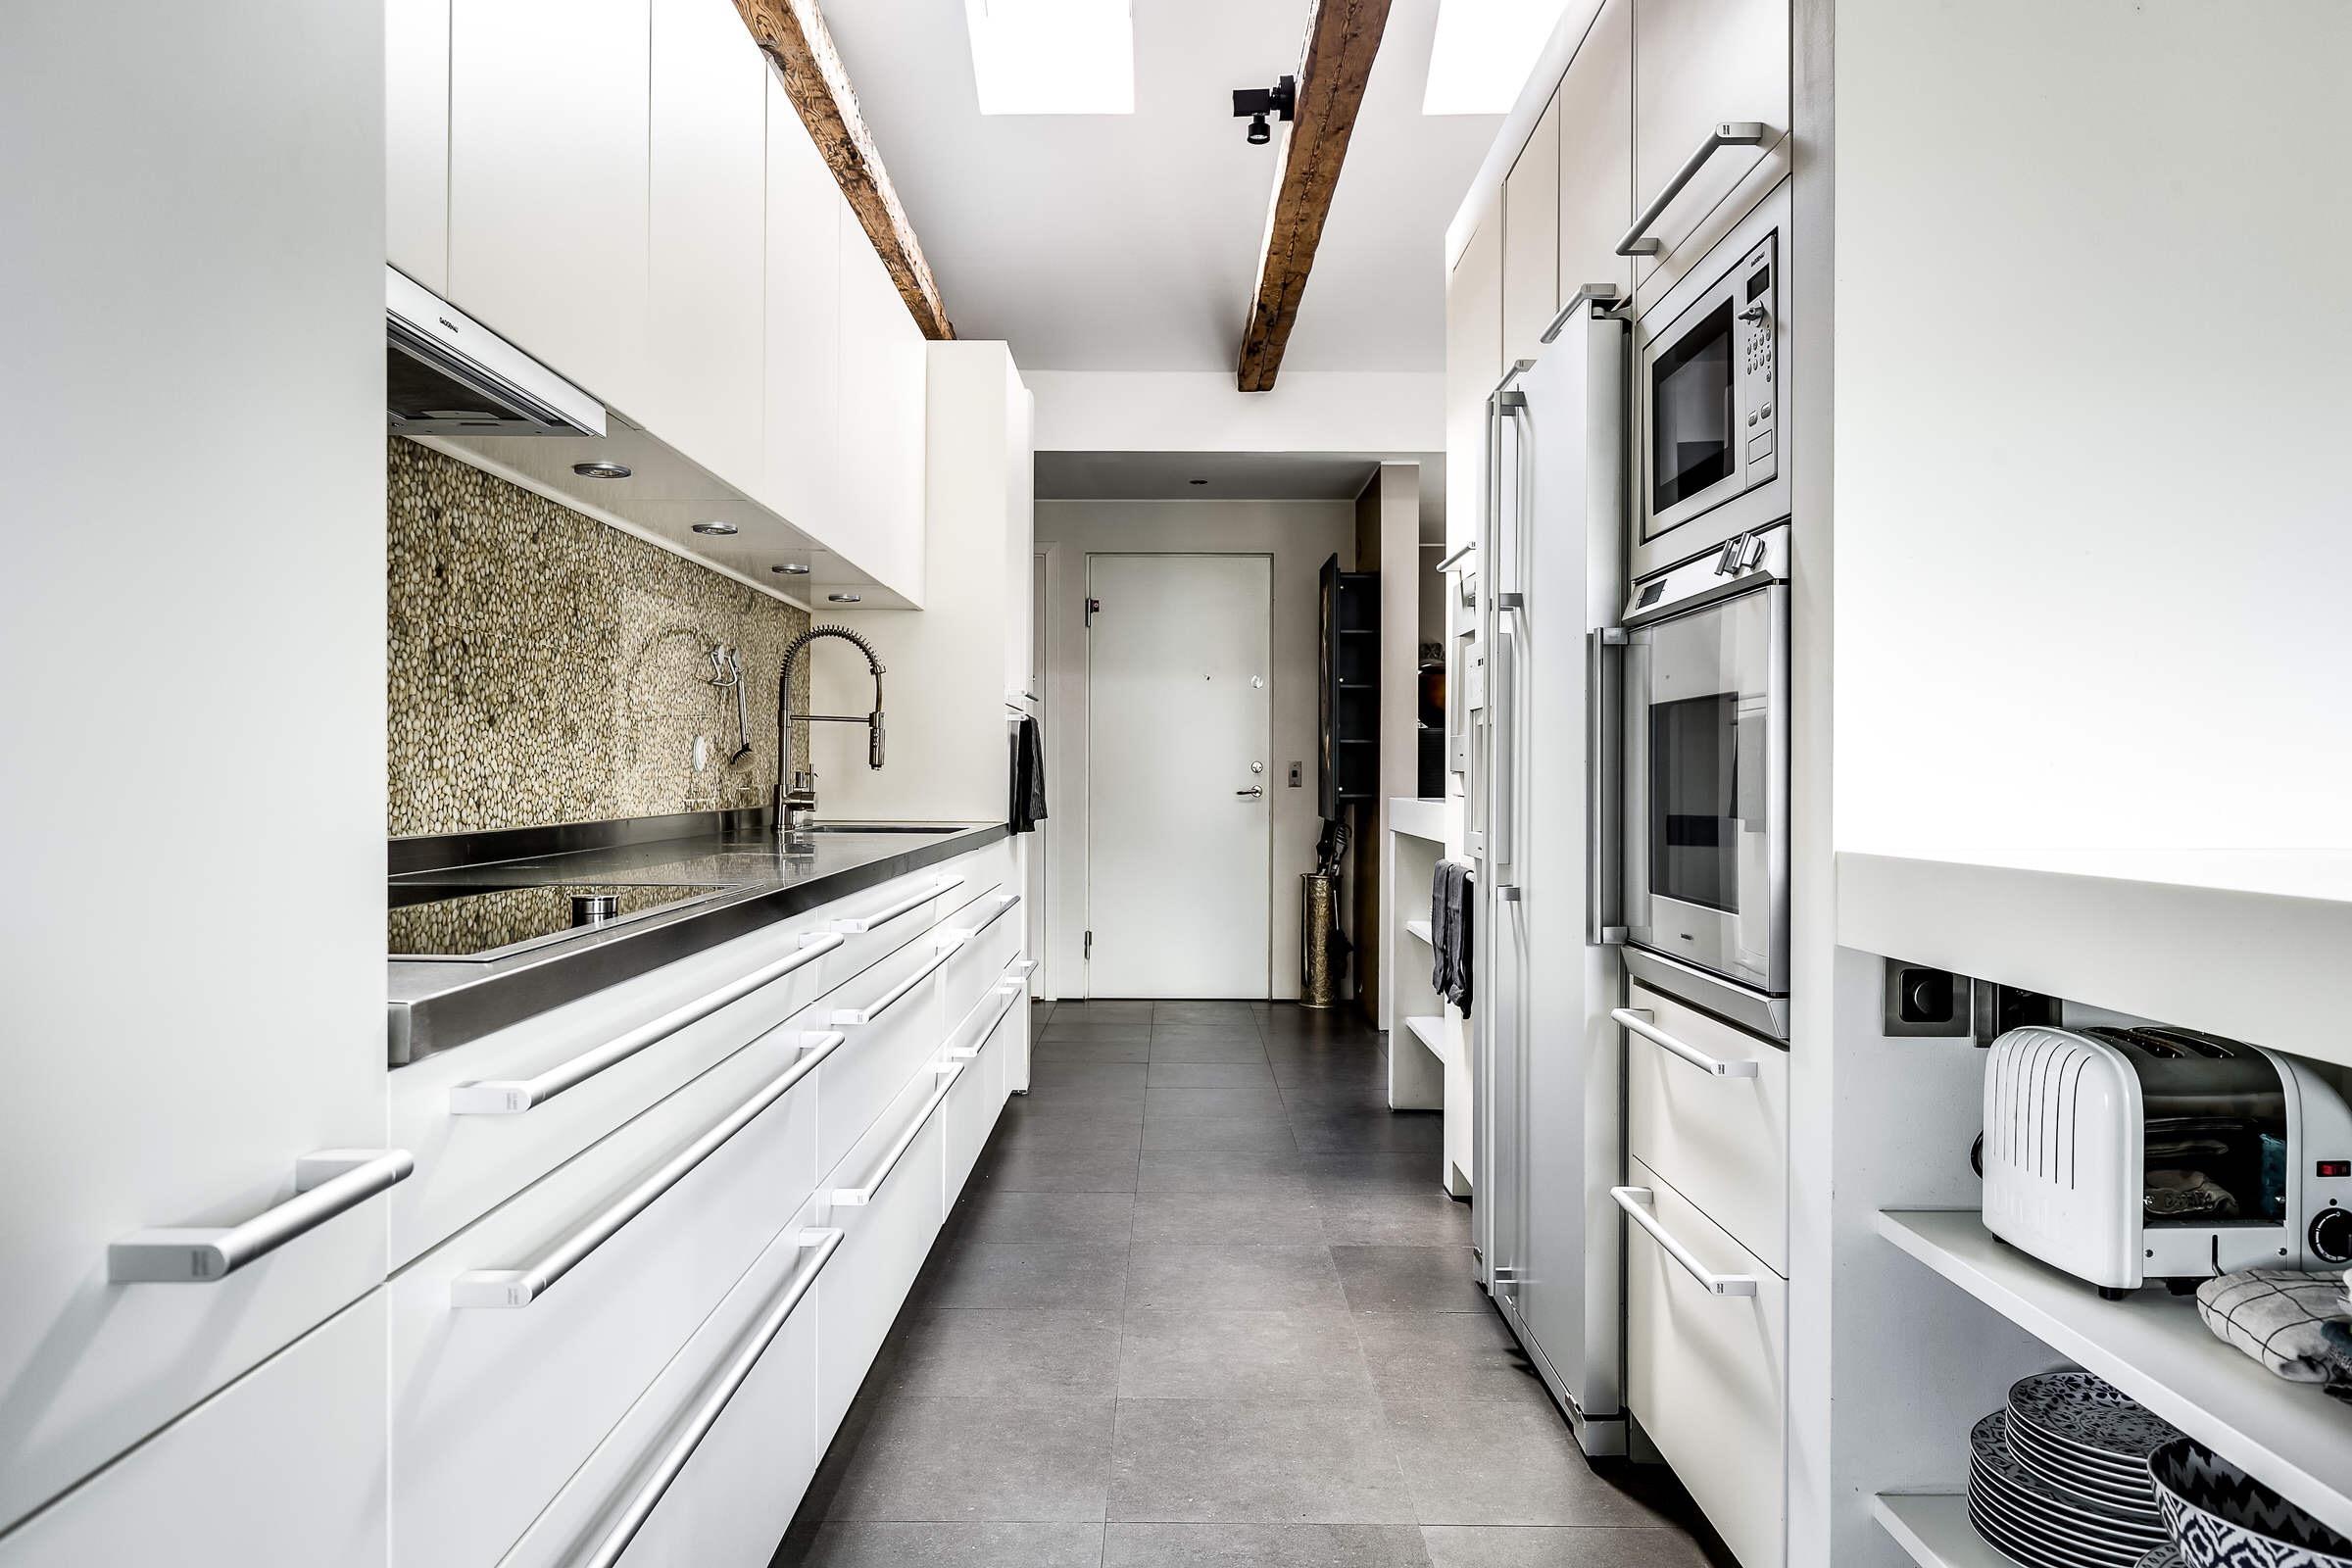 кухонная мебель встроенная техника холодильник